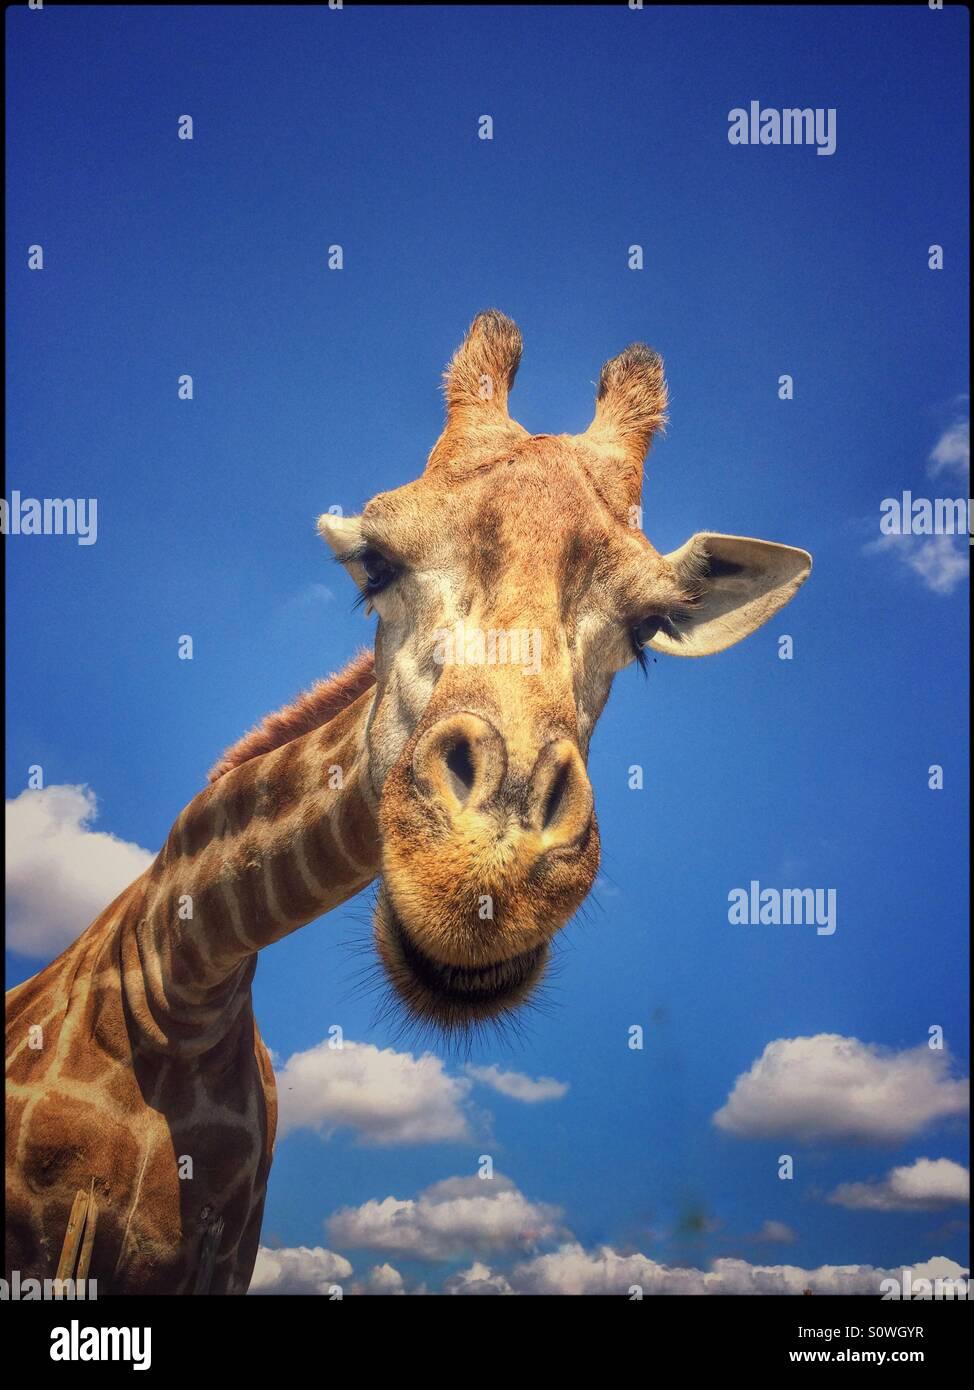 Giraffe. - Stock Image